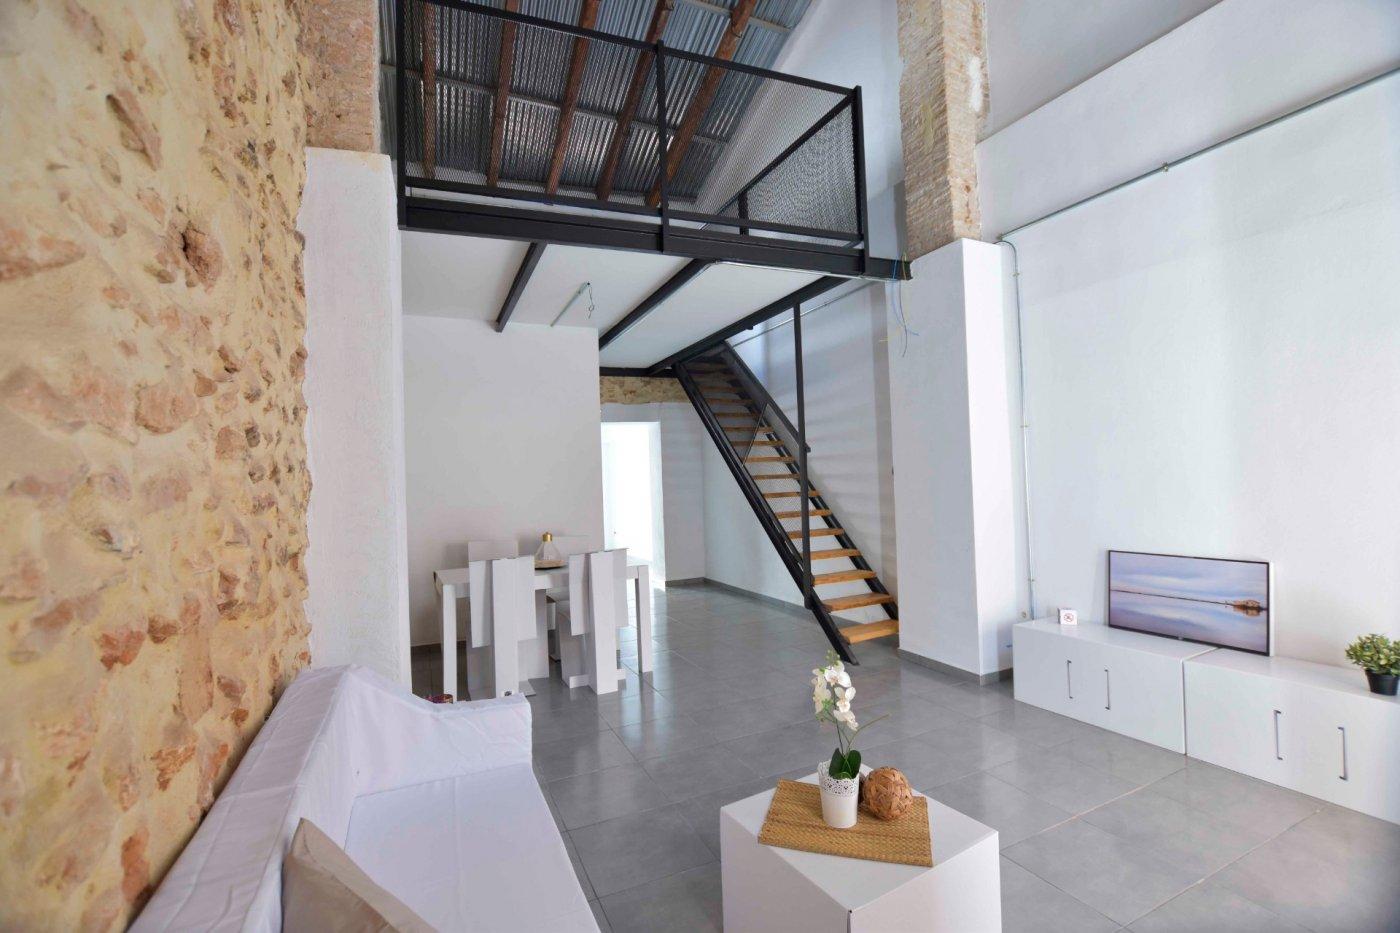 Location Appartement  Rafelbuñol - rafelbunyol ,plá. Una casa con rollo y un limonero